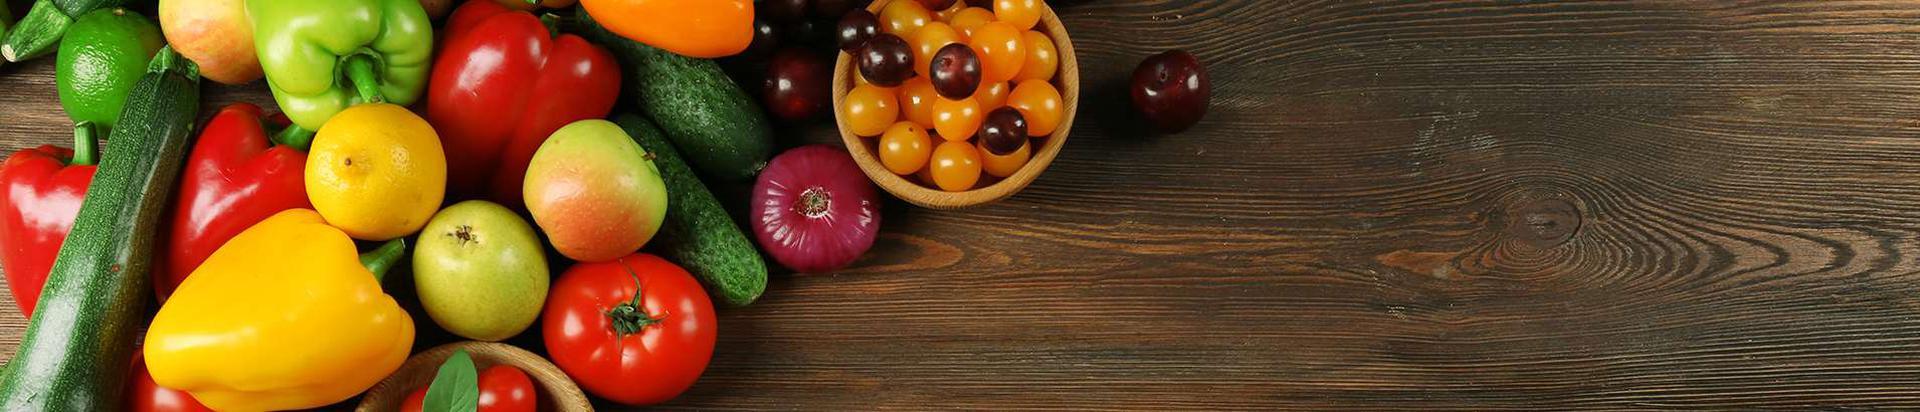 kuivained, toiduainete hulgimüük, Teravili, kartulid, köögiviljad, puuviljad ja pähklid, Kartulid, Köögiviljad, puuviljad ja pähklid, Köögiviljad, Juurviljad, Peakapsas, Toiduained, joogid ja tubakas ja seonduvad tooted, Loomsed tooted, liha ja lihatooted